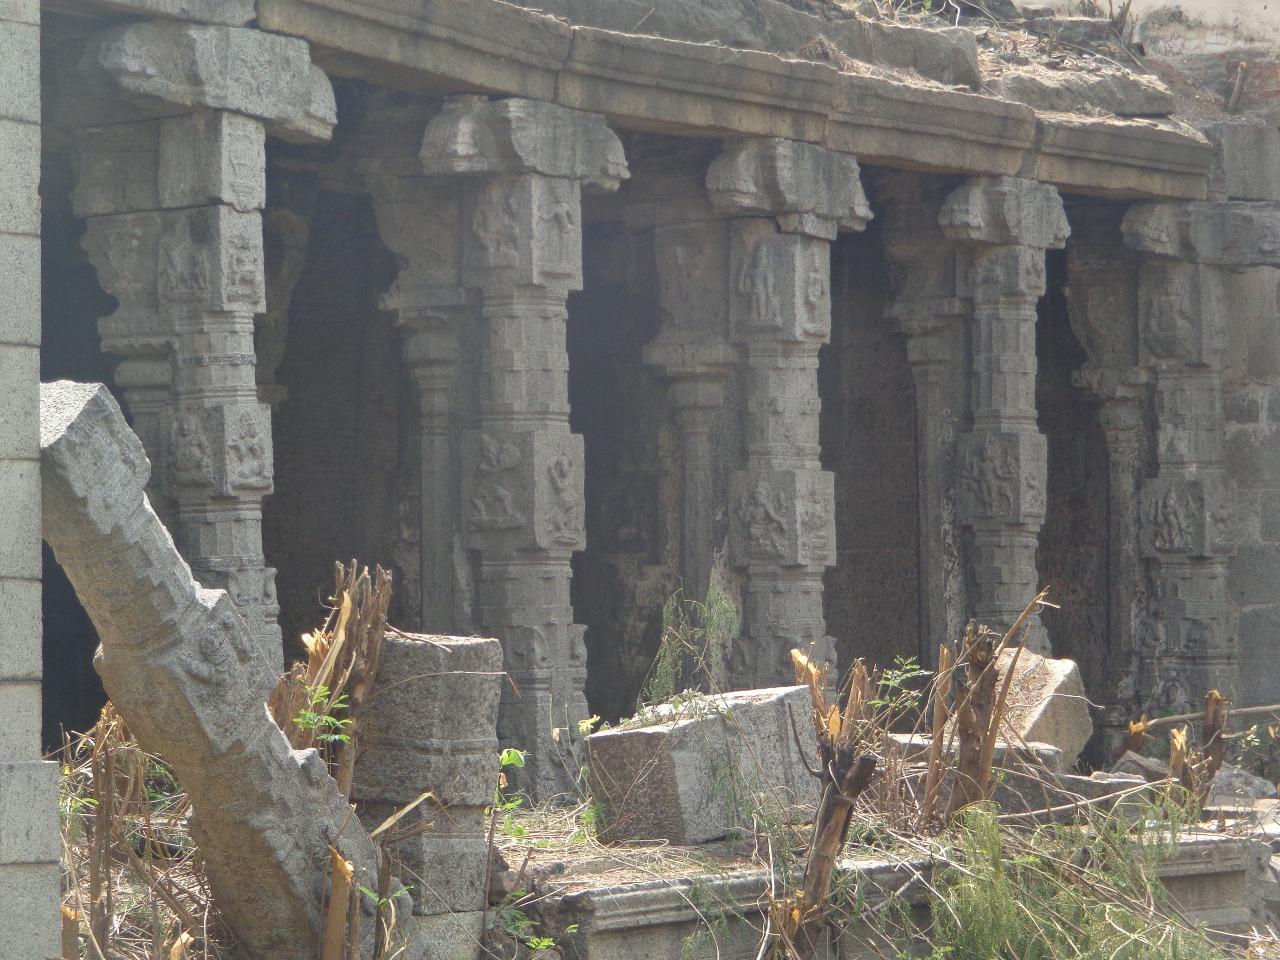 இரட்டைத் திருமாளிகை, ஏகாம்பரநாதர் கோயில், காஞ்சிபுரம்